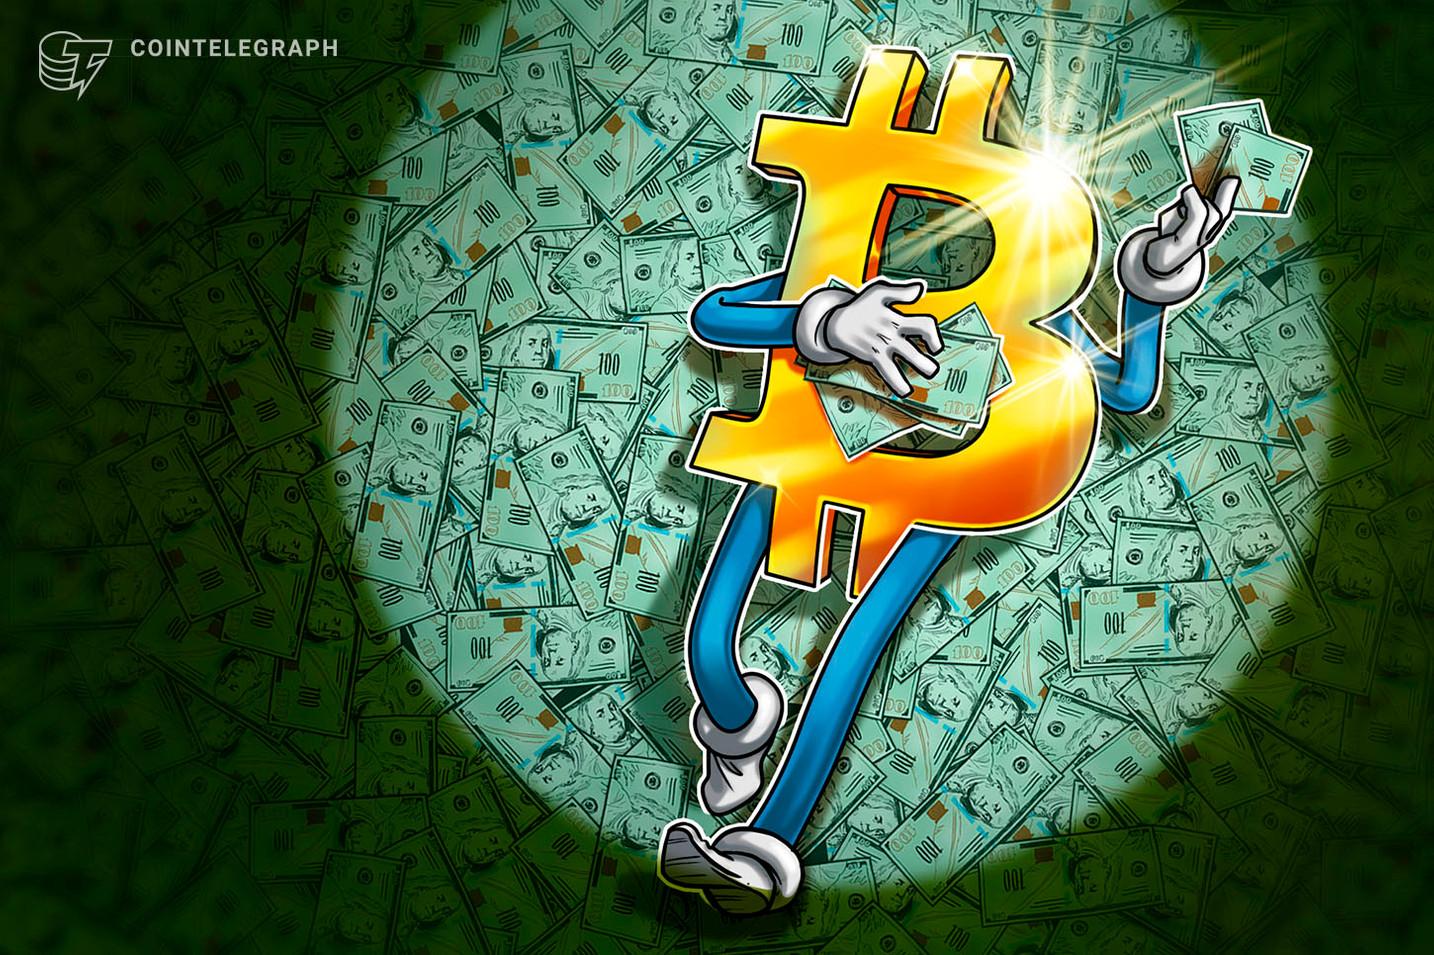 Analista: el precio de Bitcoin puede llegar a los USD 20,000 cuando los bancos de EE.UU. inviertan el 1% de sus activos